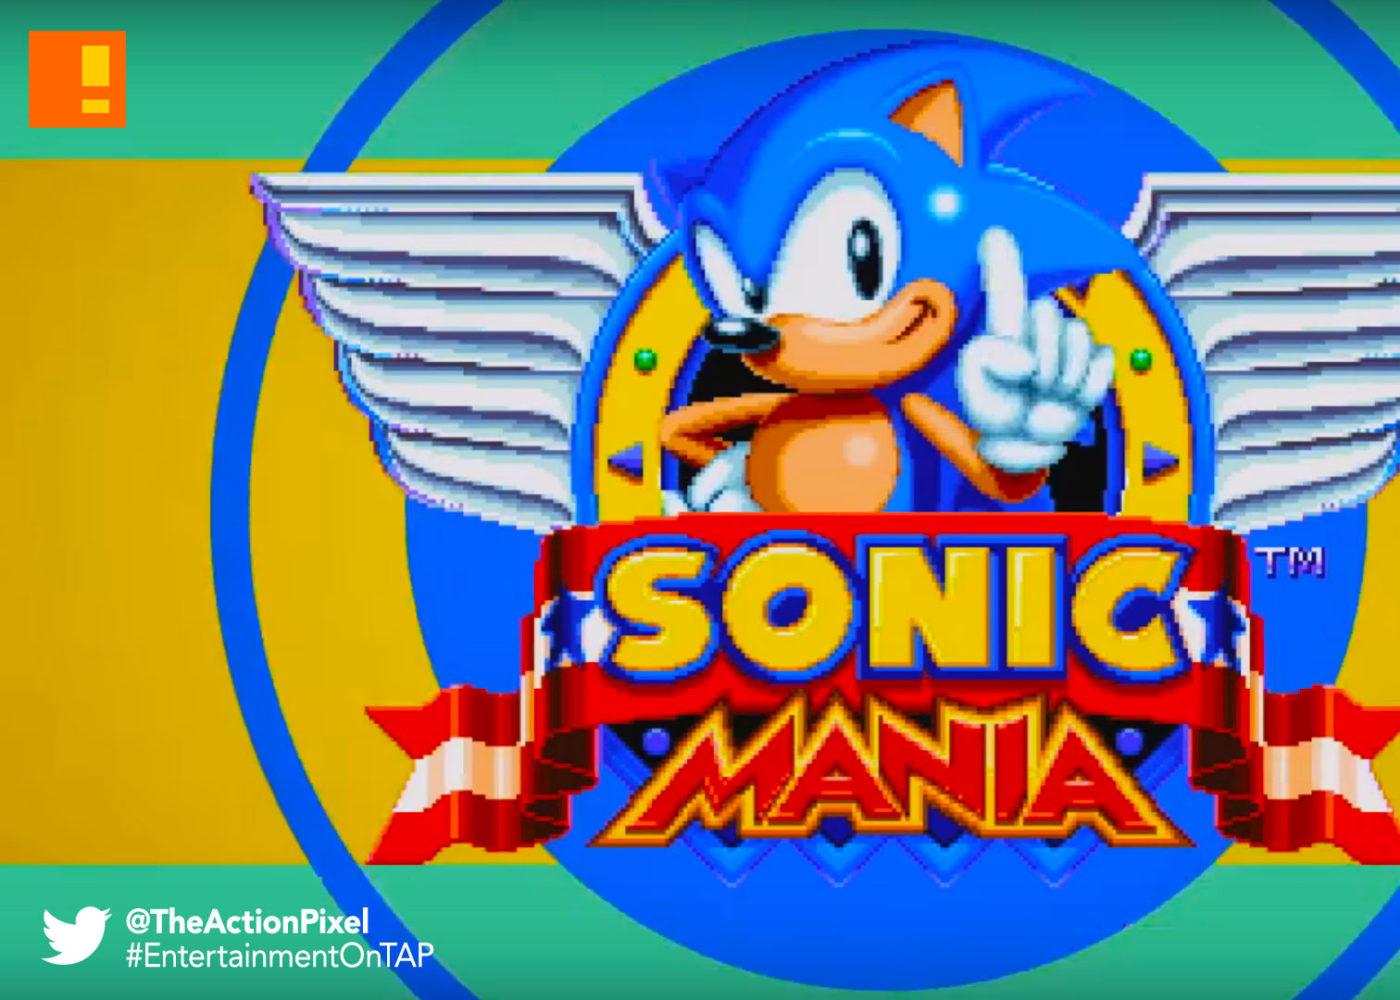 sonic mania, sonic the hedgehog, sega, 25th anniversary